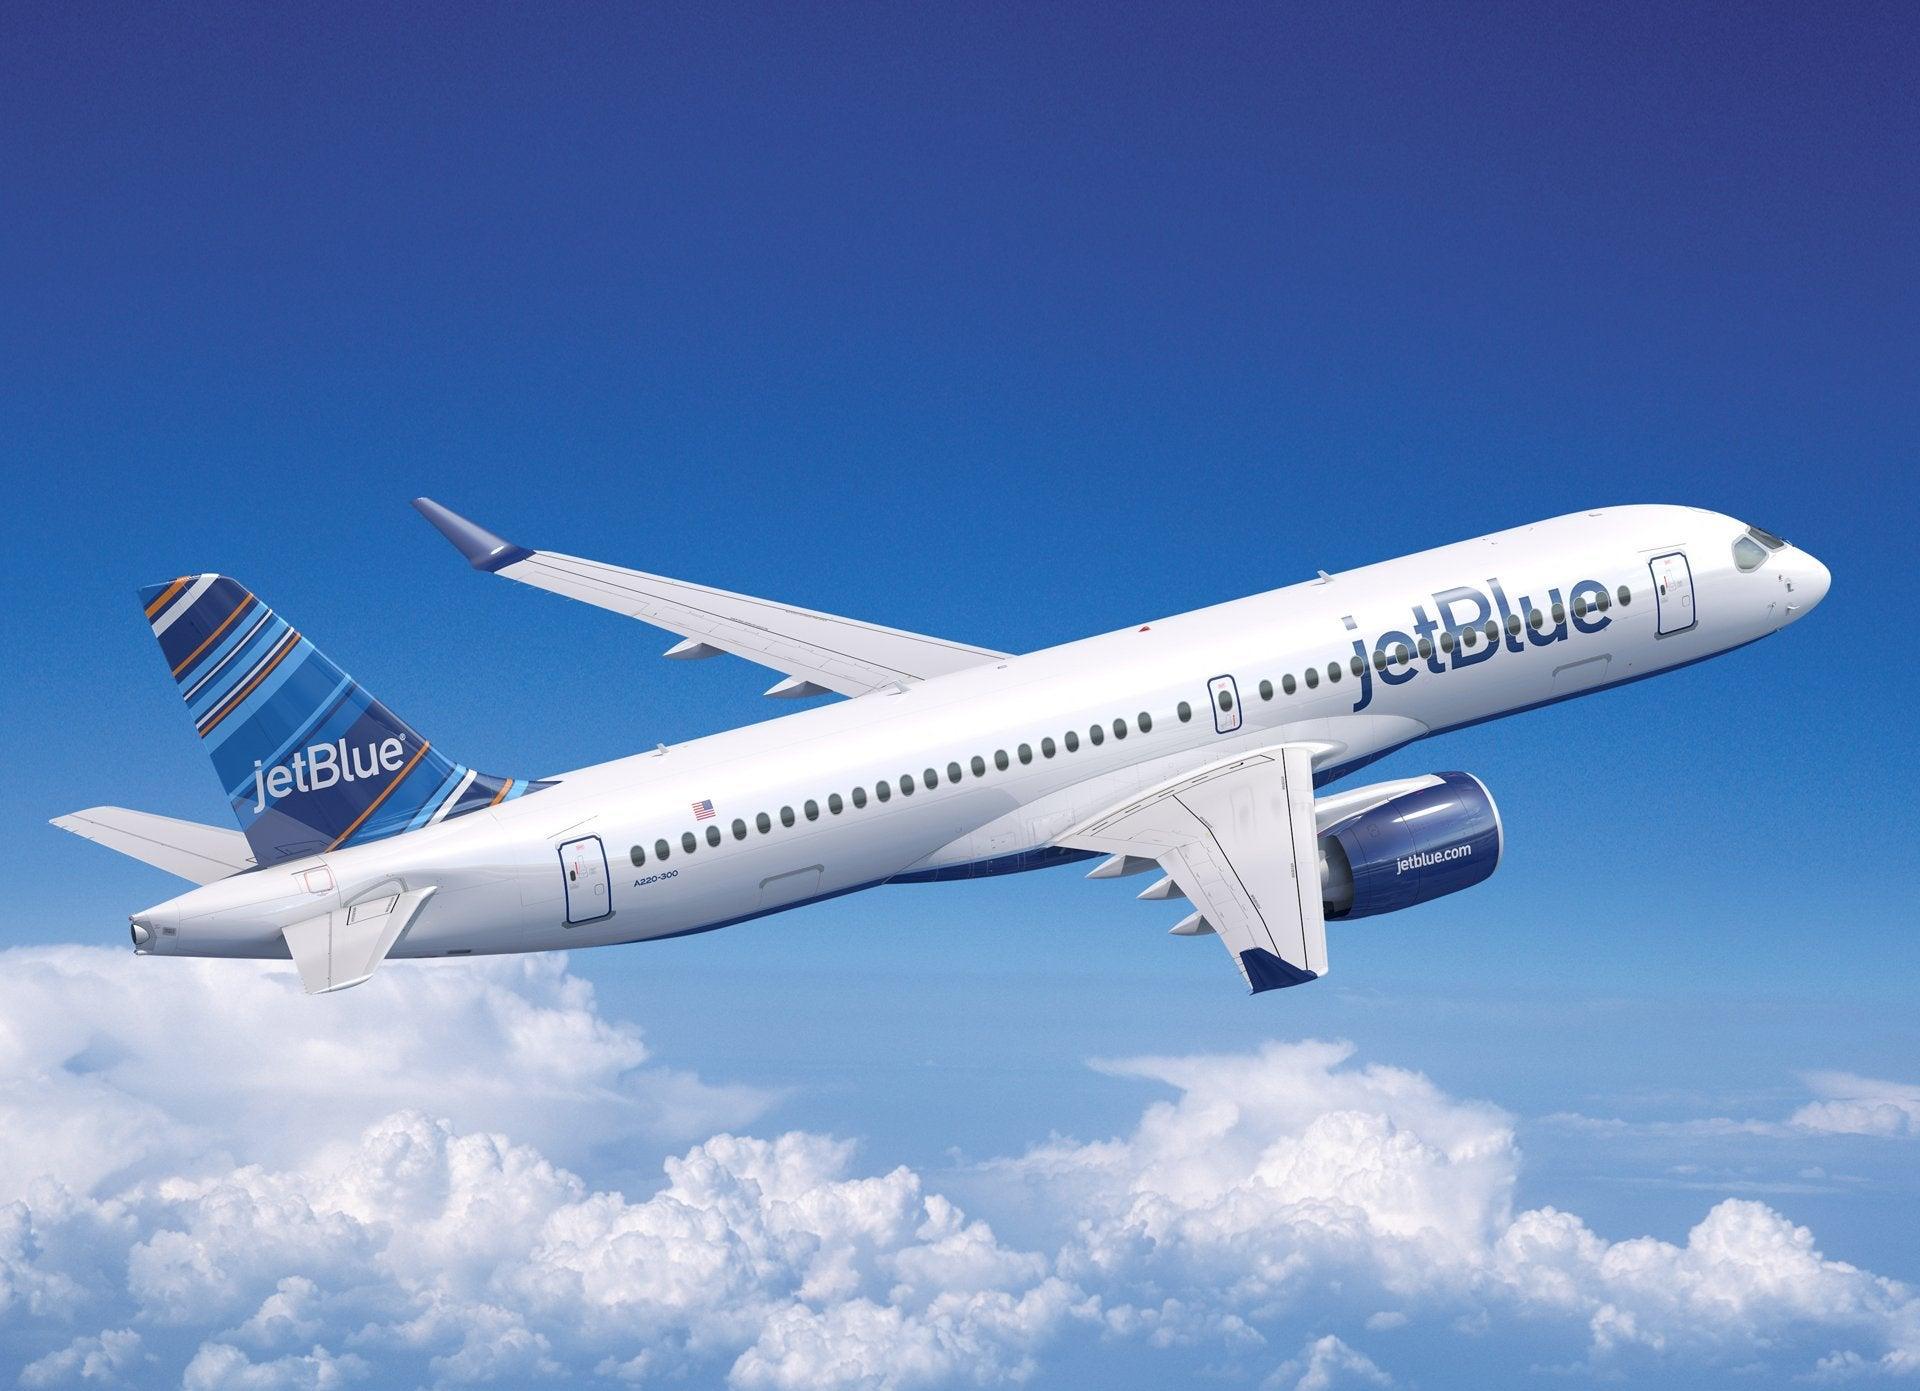 Deal alert: Cyber Monday JetBlue discount code saves $100 on flights through summer 2021